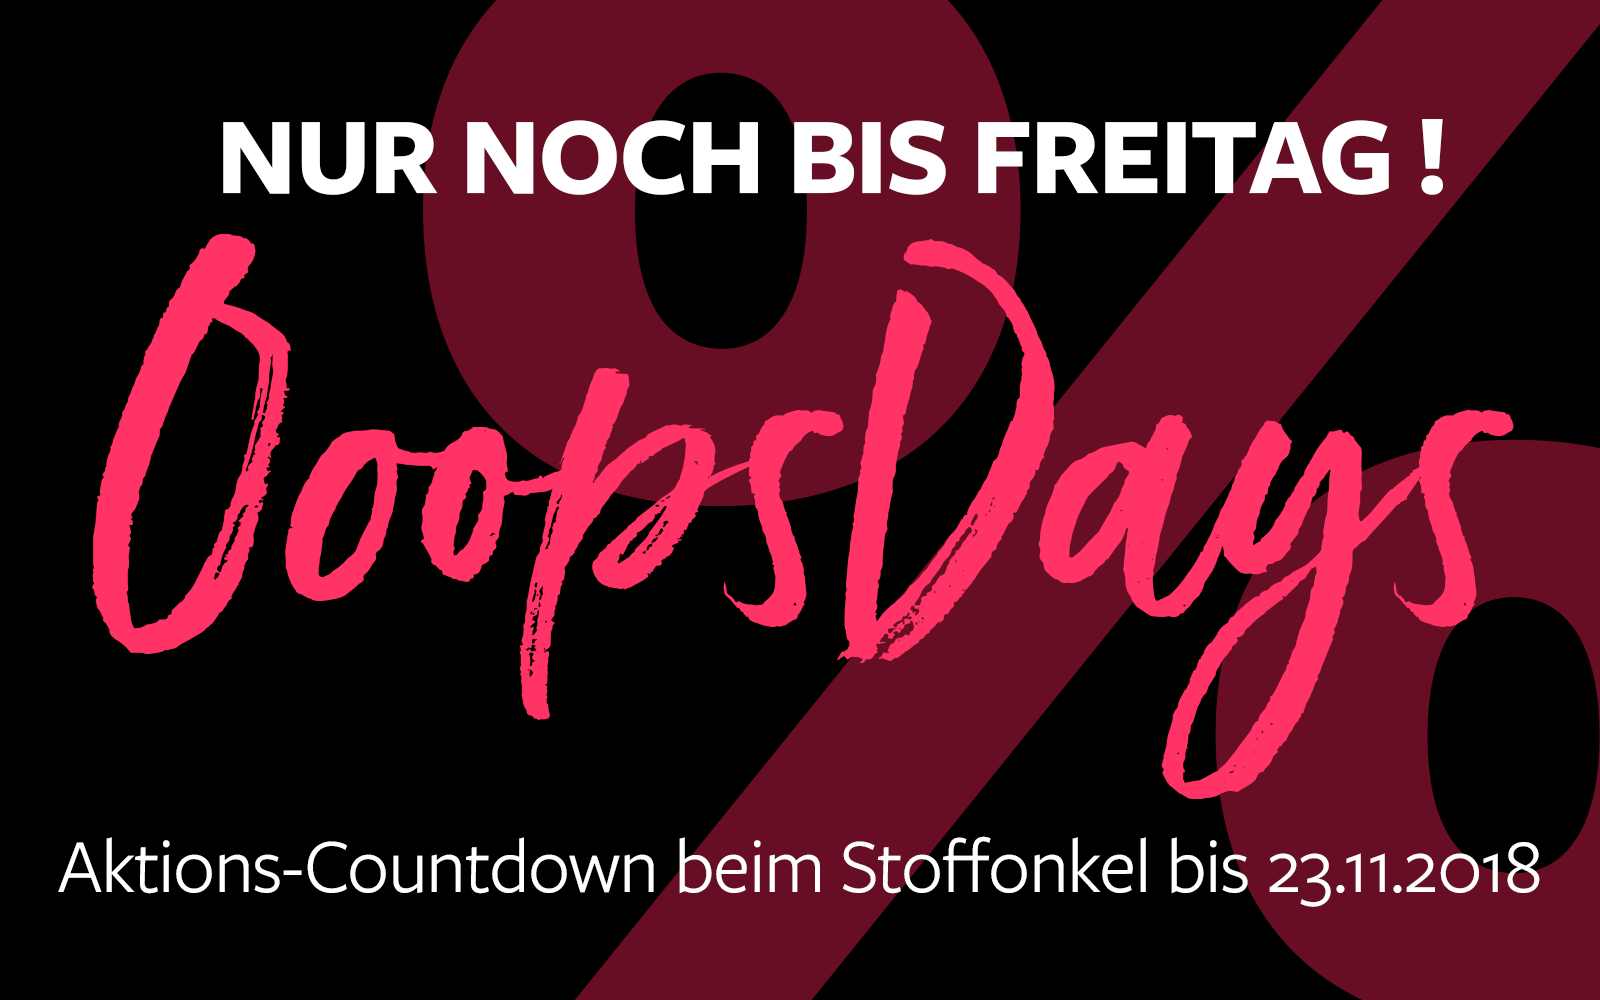 OopsDays - Nur noch bis Freitag!